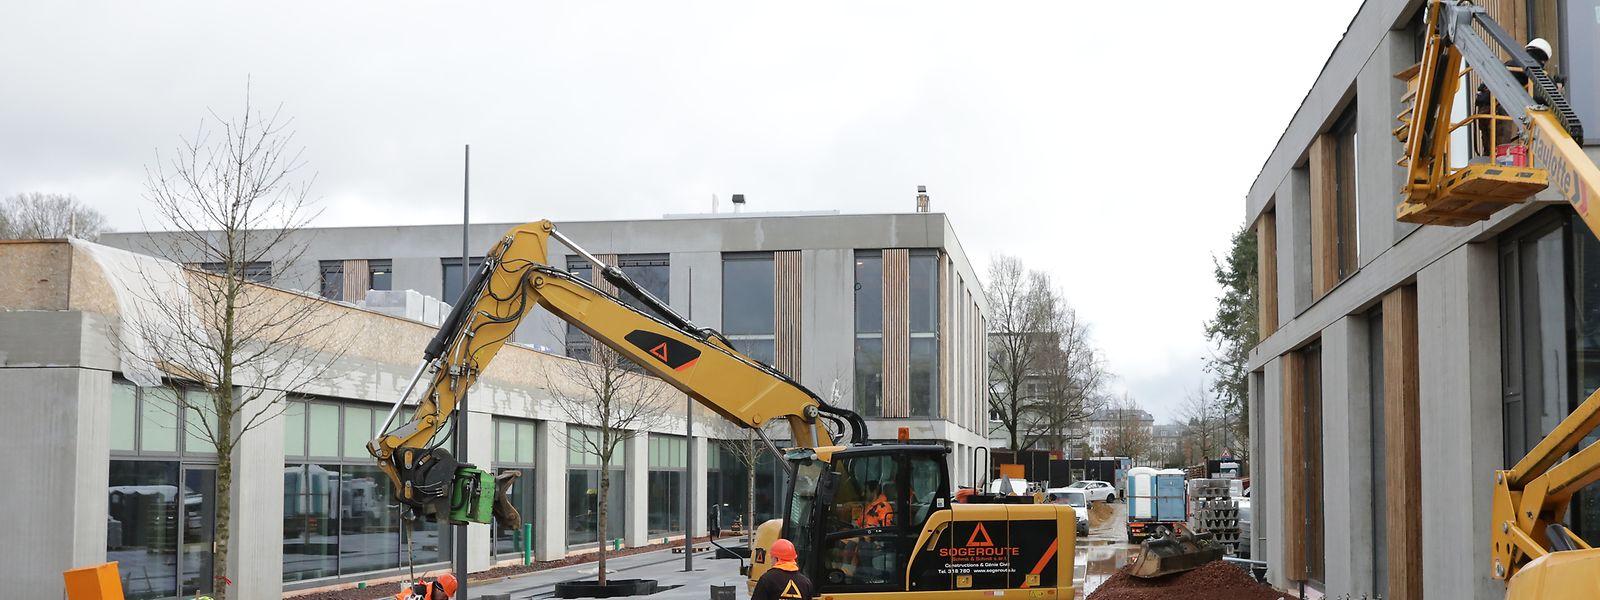 L'arrêt des chantiers à lui seul représenterait une facture de 150 millions euros de chômage partiel.